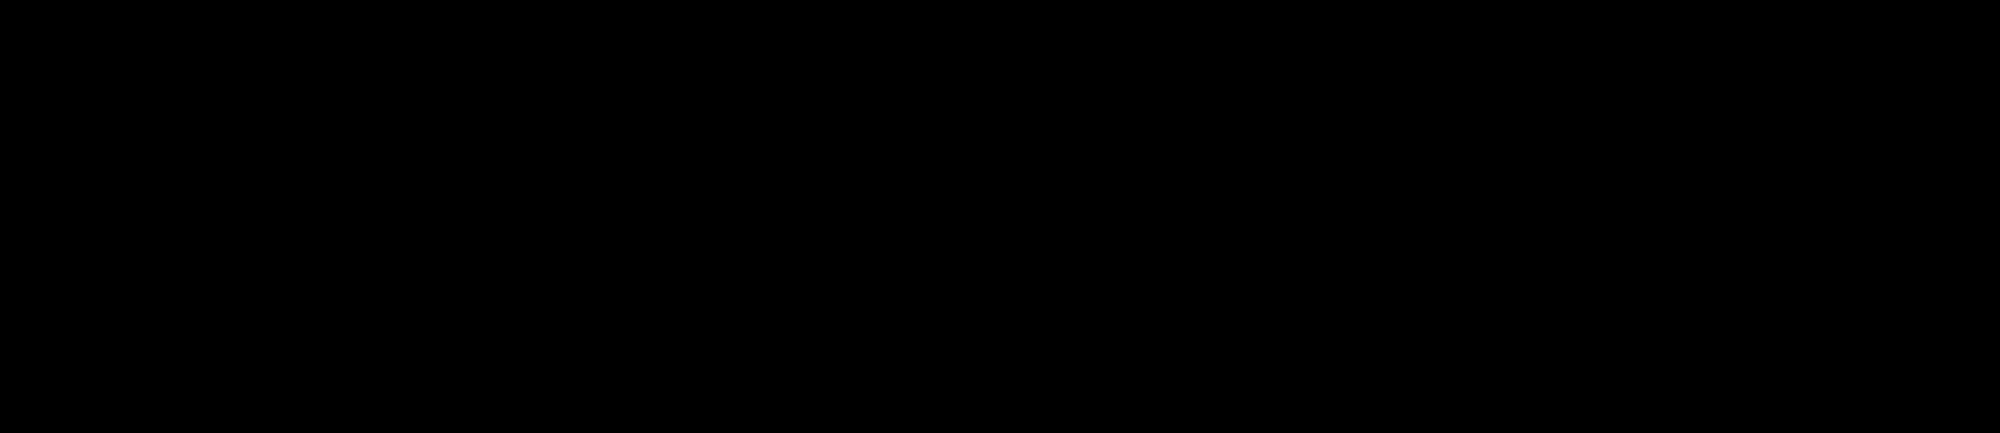 كوهلر، أدوات صحية، حمامات، جدة، المملكة العربية السعودية